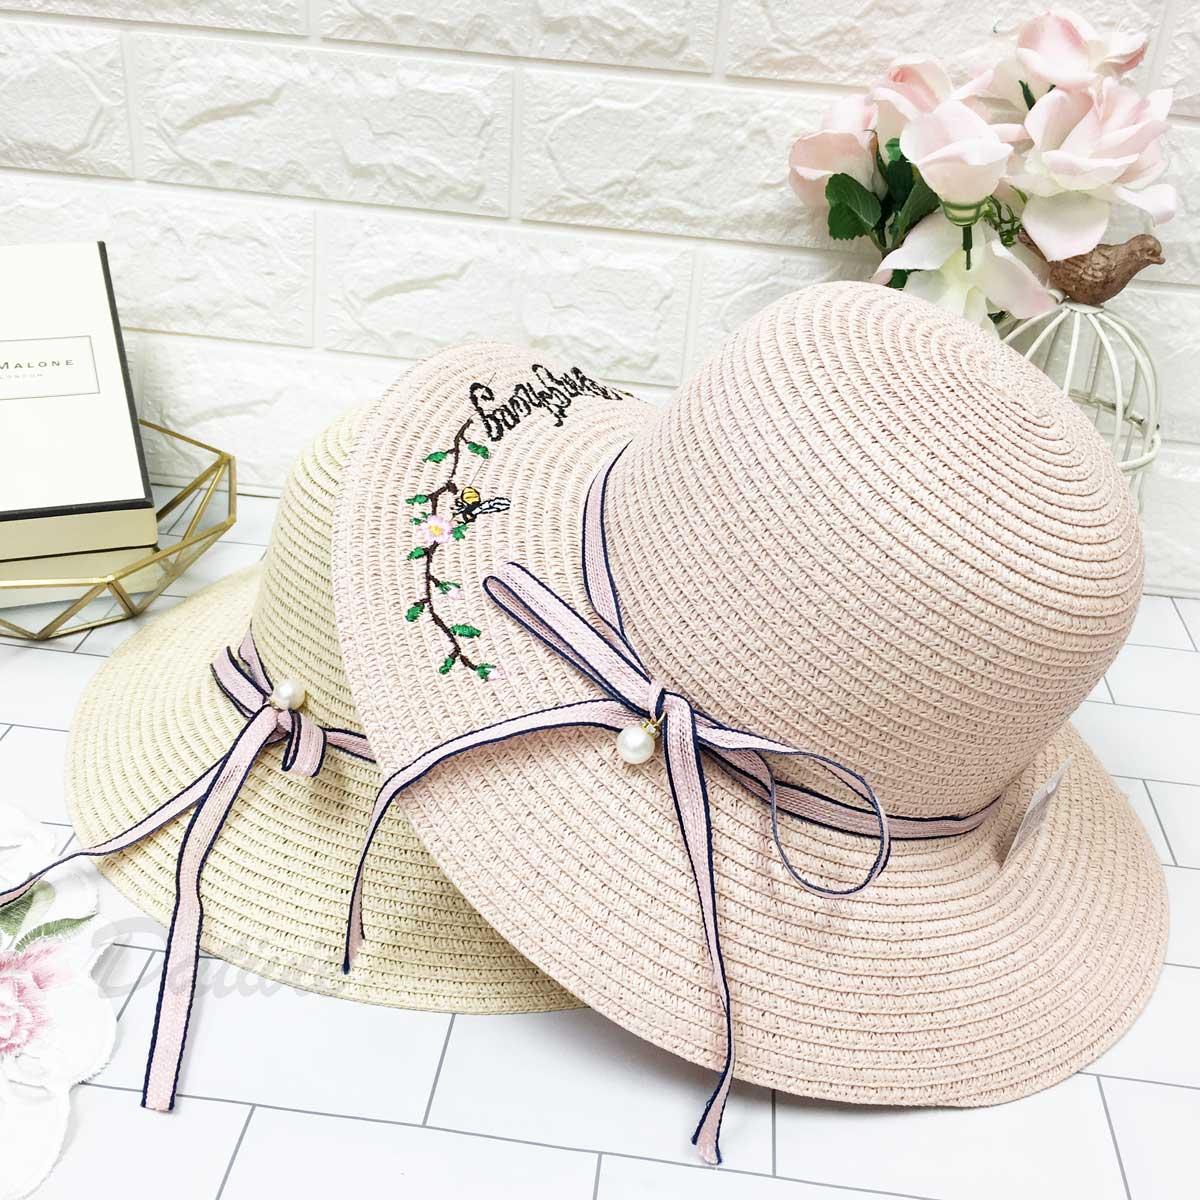 英文字 蜜蜂 花朵 枝葉 可愛圖案 綁帶蝴蝶結 珍珠裝飾 拉繩 帽子 遮陽帽 草帽